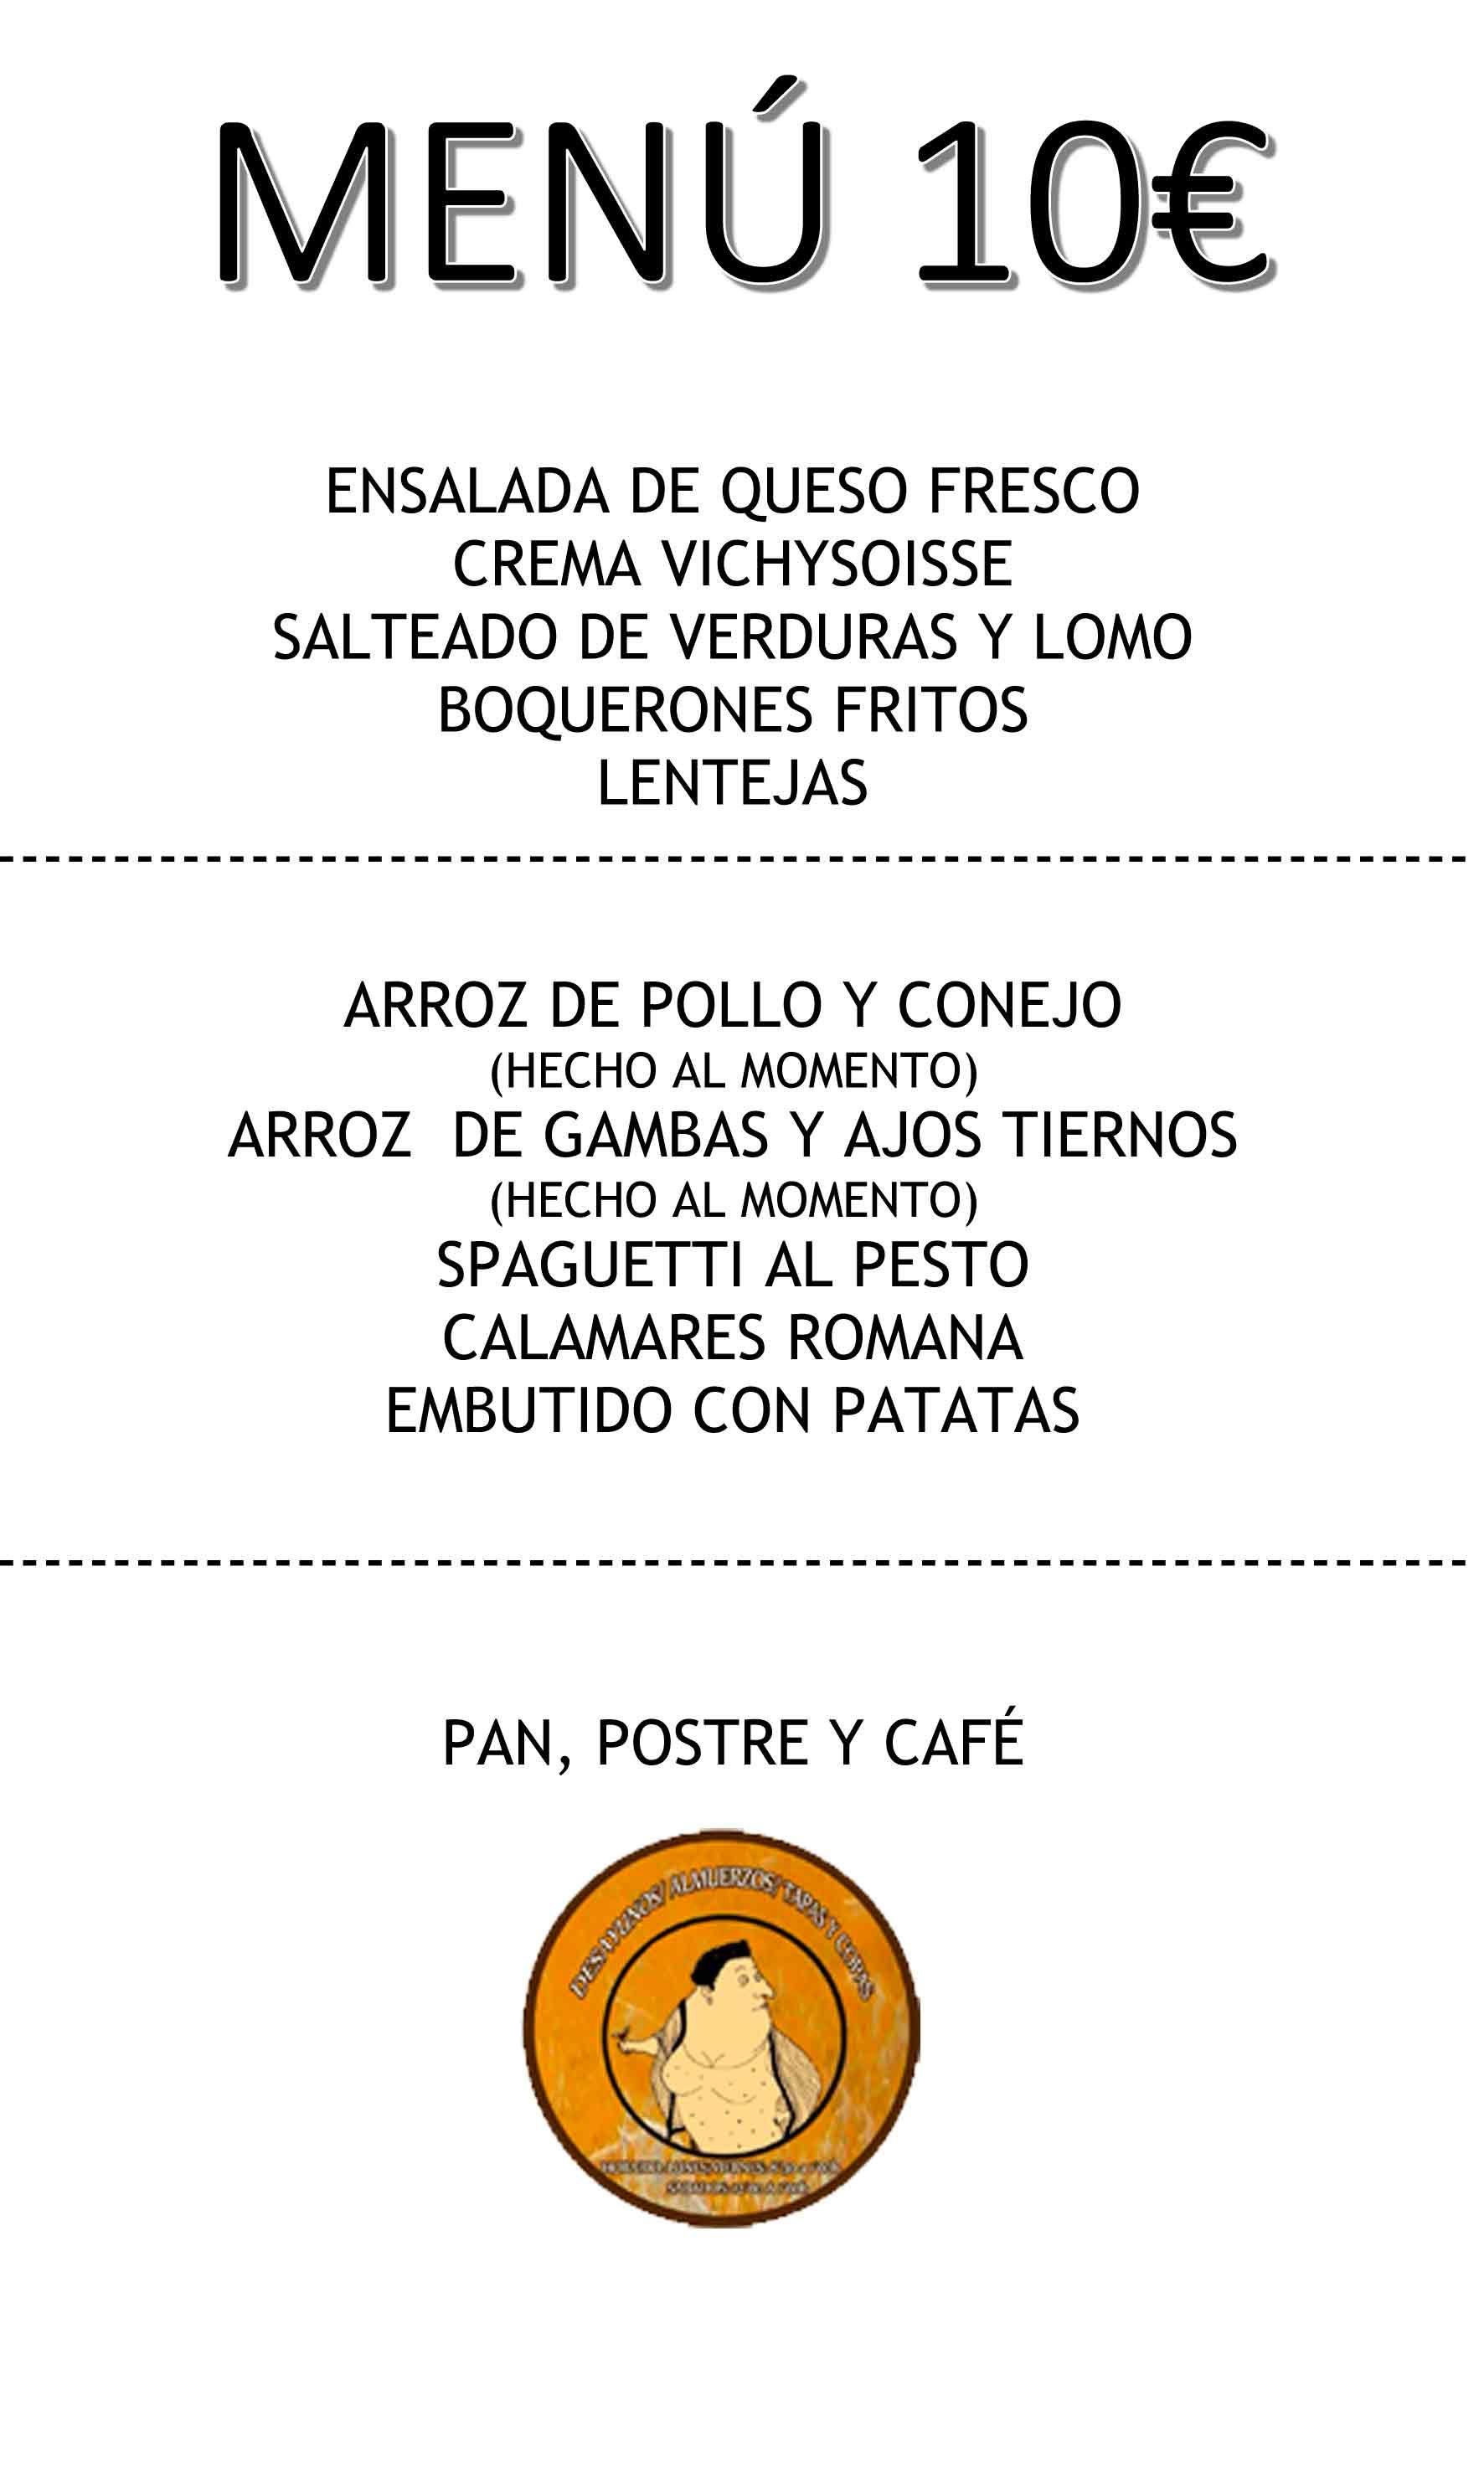 Ya tenemos preparado el menú para esta semana en La mirona. Os esperamos. Lee más en https://www.facebook.com/LaMironaValencia?ref=hl